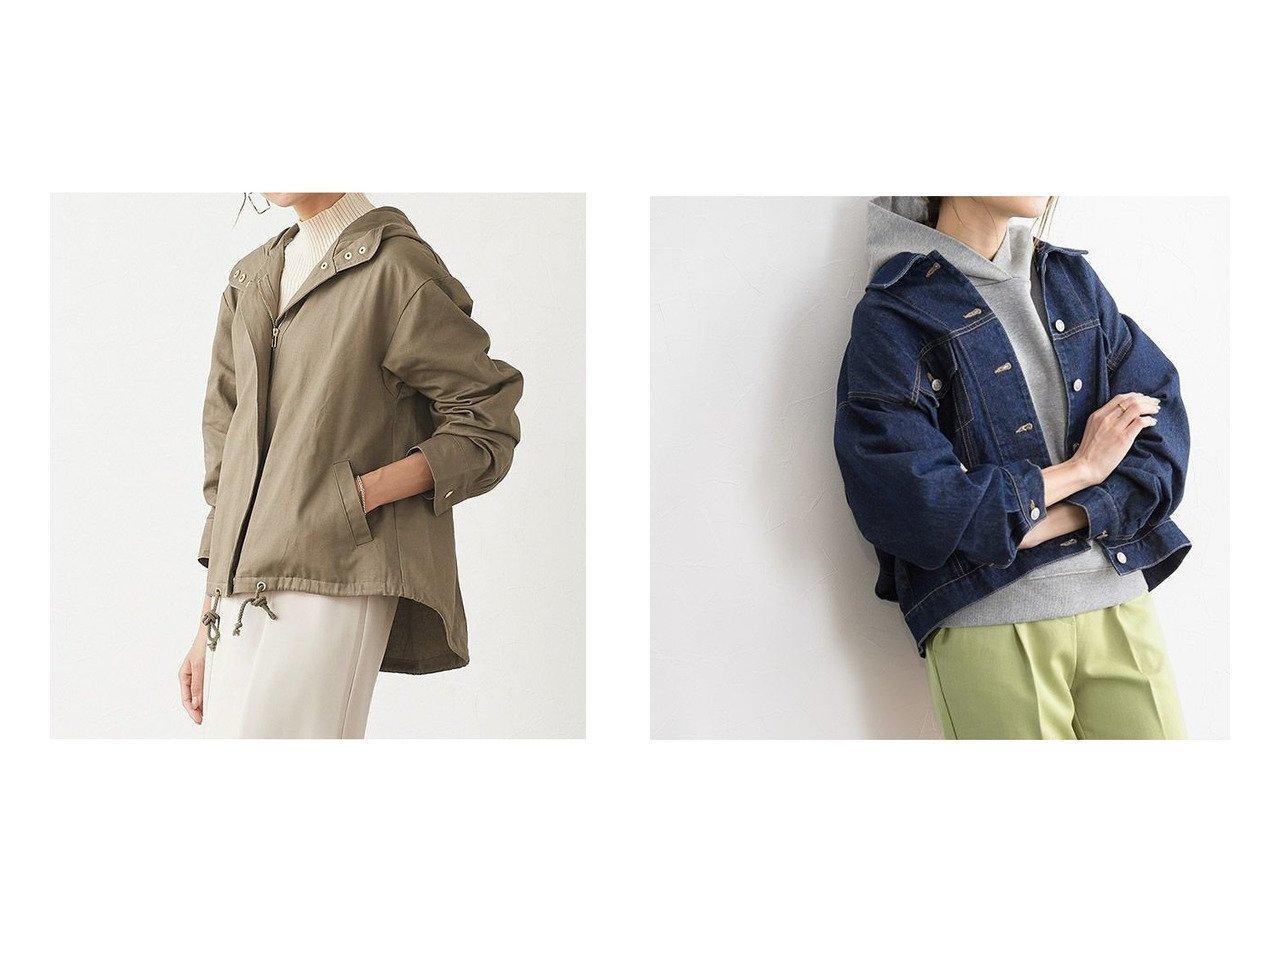 【Pierrot/ピエロ】のマウンテンパーカー&オーバーサイズデニムジャケット おすすめ!人気!プチプライスで上品なファッションアイテムの通販  おすすめで人気の流行・トレンド、ファッションの通販商品 メンズファッション・キッズファッション・インテリア・家具・レディースファッション・服の通販 founy(ファニー) https://founy.com/ ファッション Fashion レディースファッション WOMEN アウター Coat Outerwear ジャケット Jackets デニムジャケット Denim Jackets デニム トレンド プチプライス・低価格 Affordable |ID:crp329100000021191